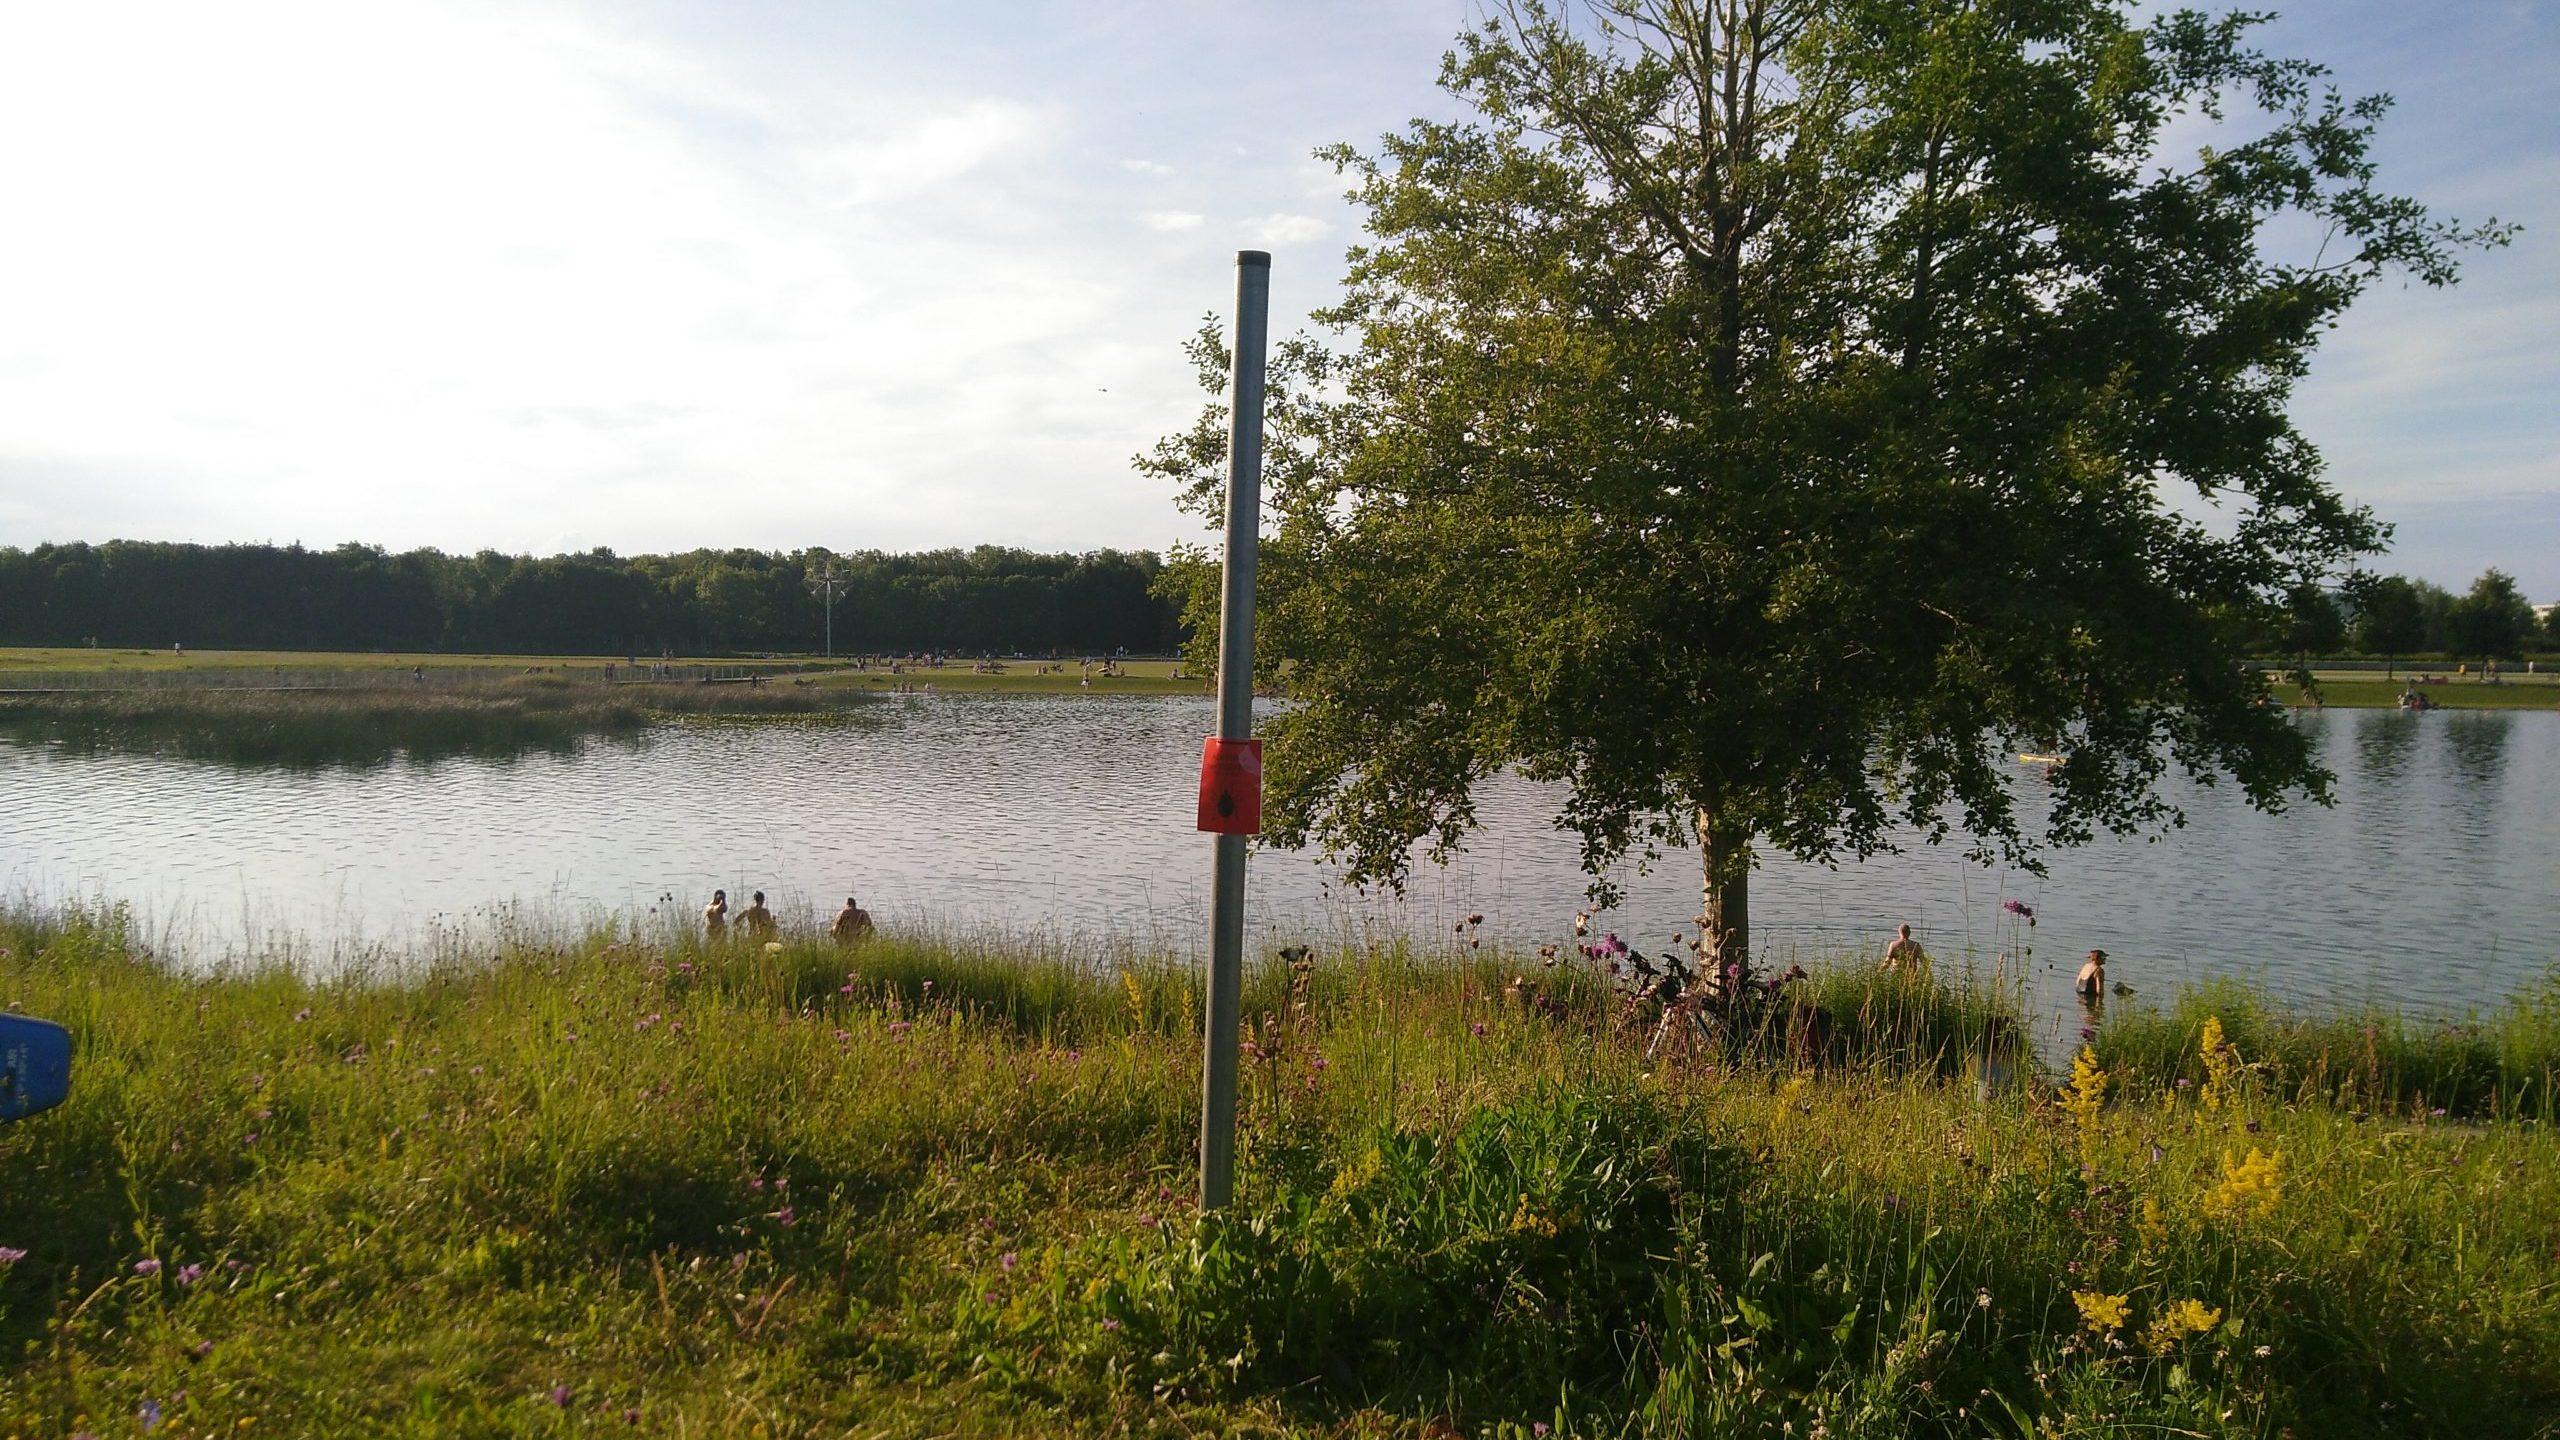 Schutz von Biotopen im Süd- und Westbereich des Sees